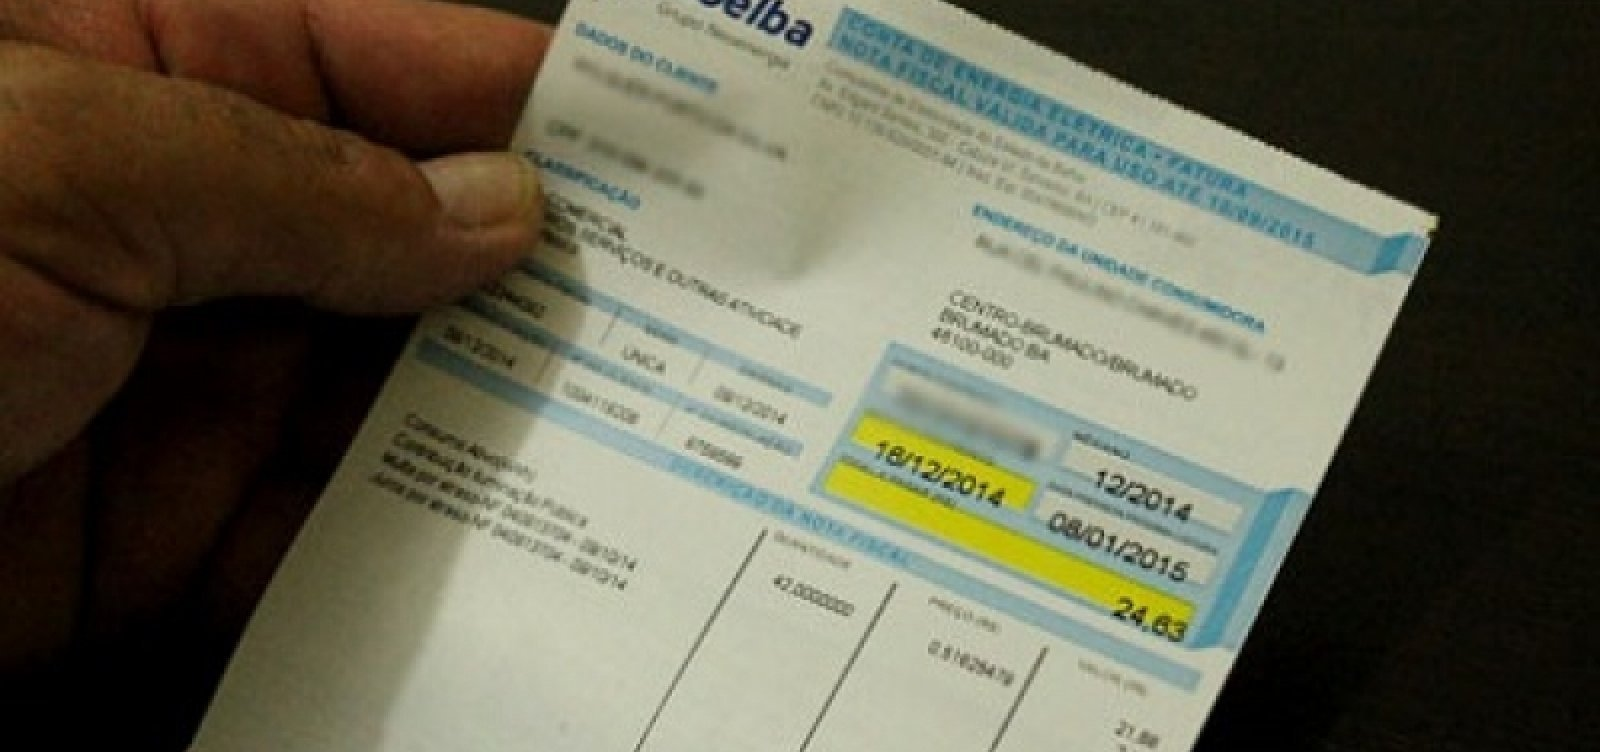 'Saldão 30%': termina nesta sexta campanha da Coelba que oferece desconto para contas em atraso